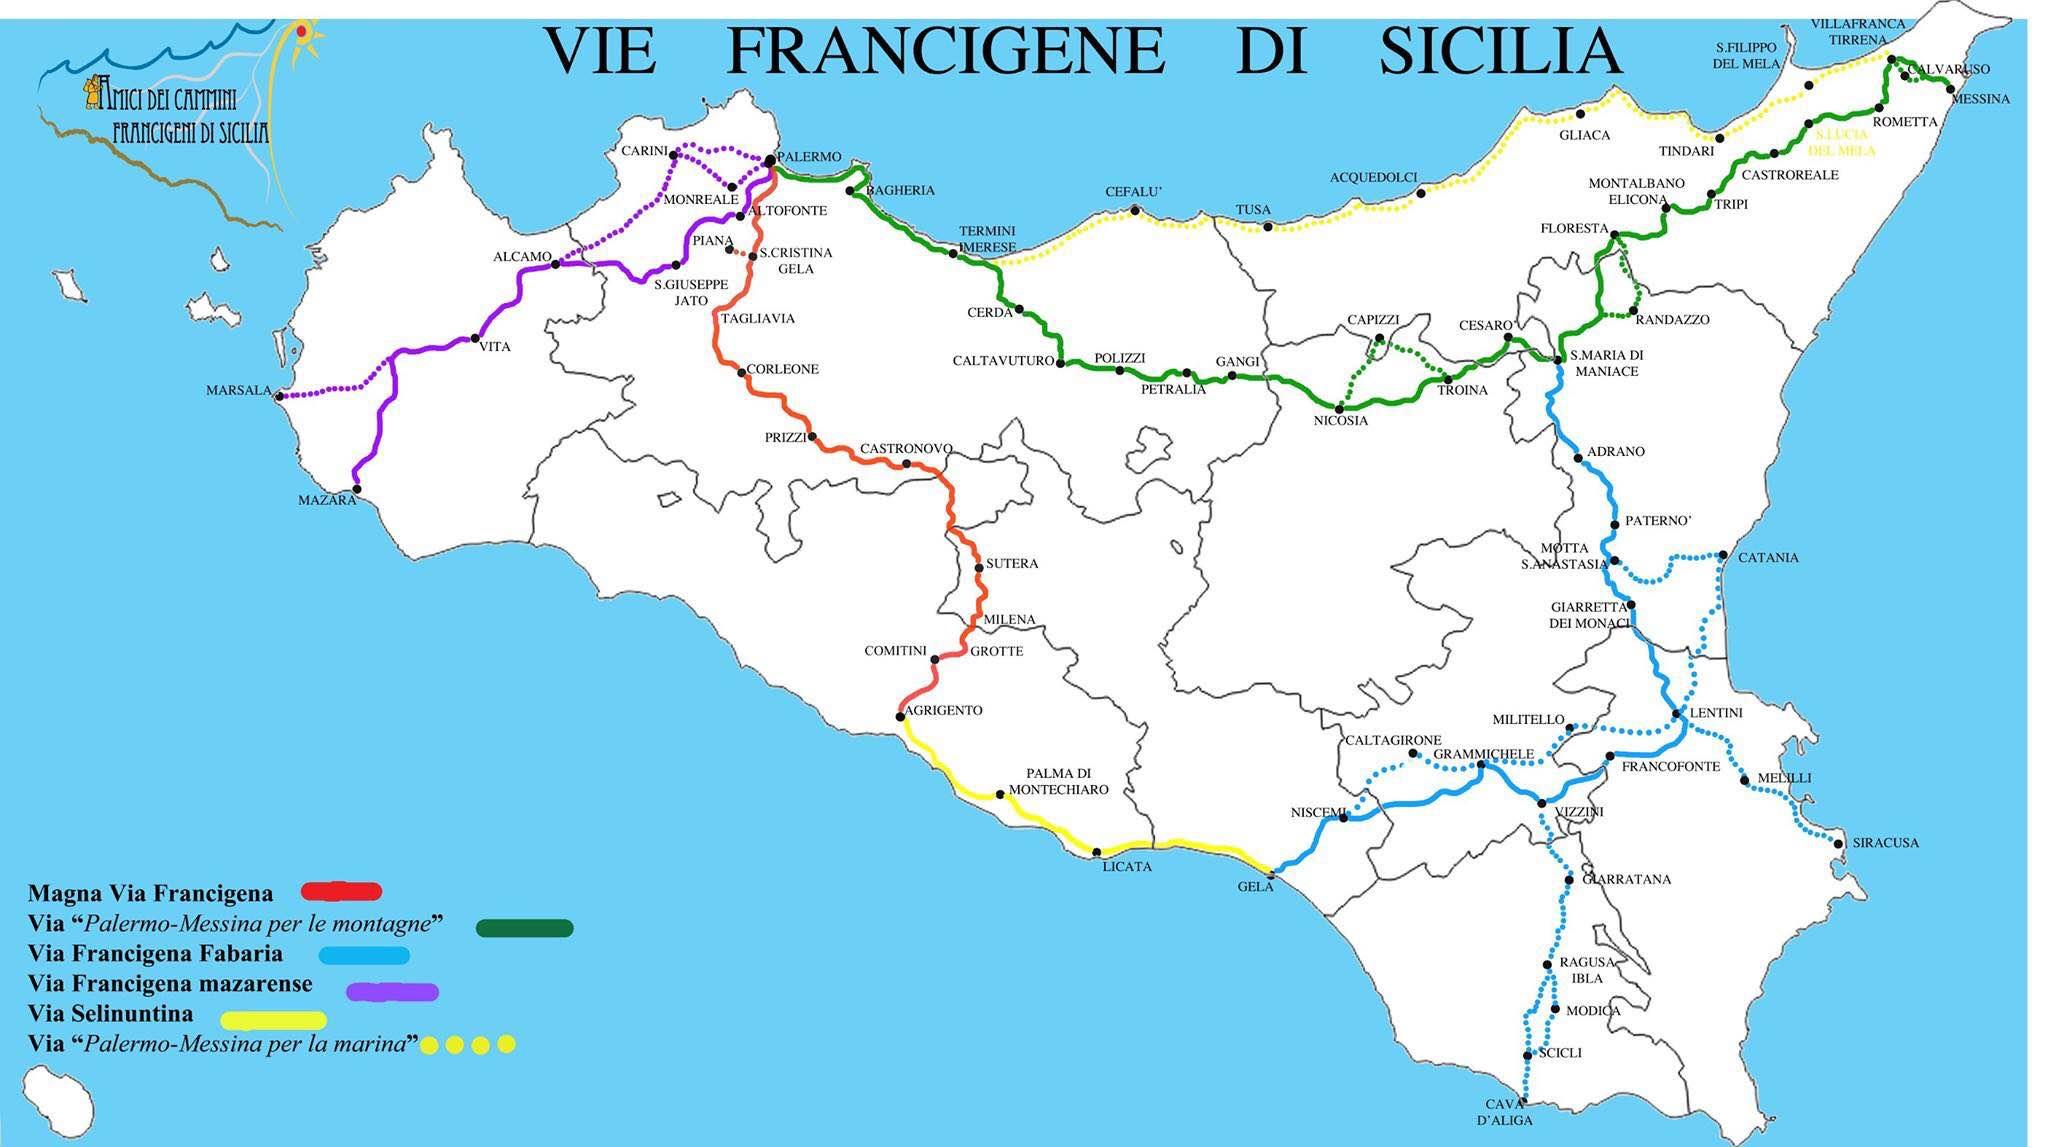 via francigena in sicilia